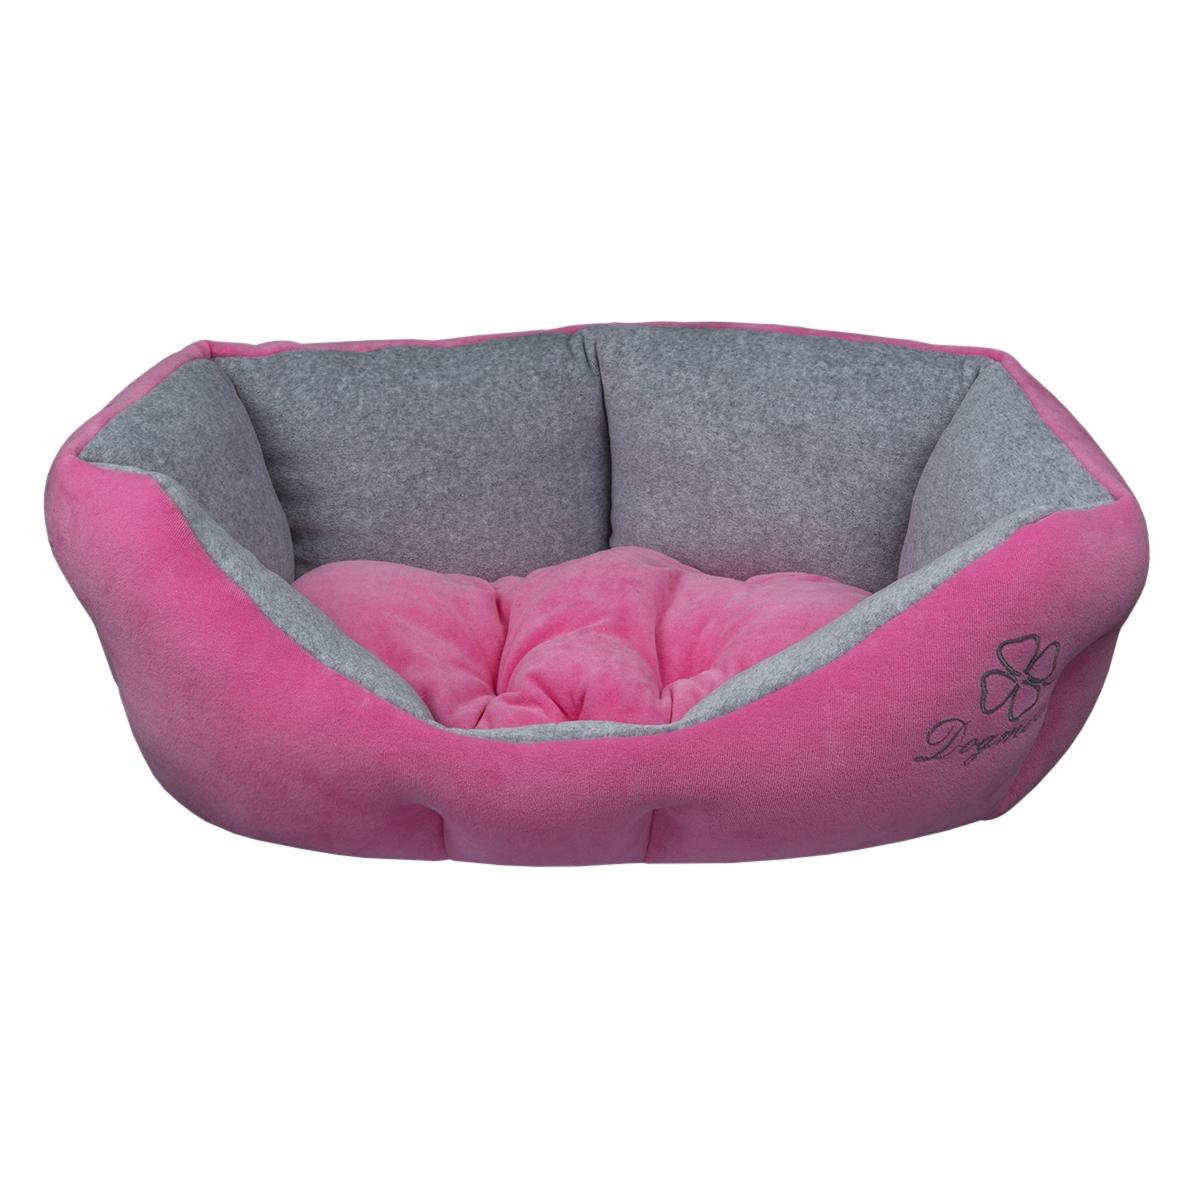 Лежак для животных Dogmoda Ретро, цвет: розовый, серый, 54 х 50 х 23 смDM-160111Лежак Dogmoda Ретро непременно станет любимым местом отдыха вашего домашнего животного. Изделие выполнено из высококачественного полиэстера и велюра, а наполнитель - из холлофайбера. Такой материал не теряет своей формы долгое время. Внутри имеется мягкая съемная подстилка.На таком лежаке вашему любимцу будет мягко и тепло. Он подарит вашему питомцу ощущение уюта и уединенности.